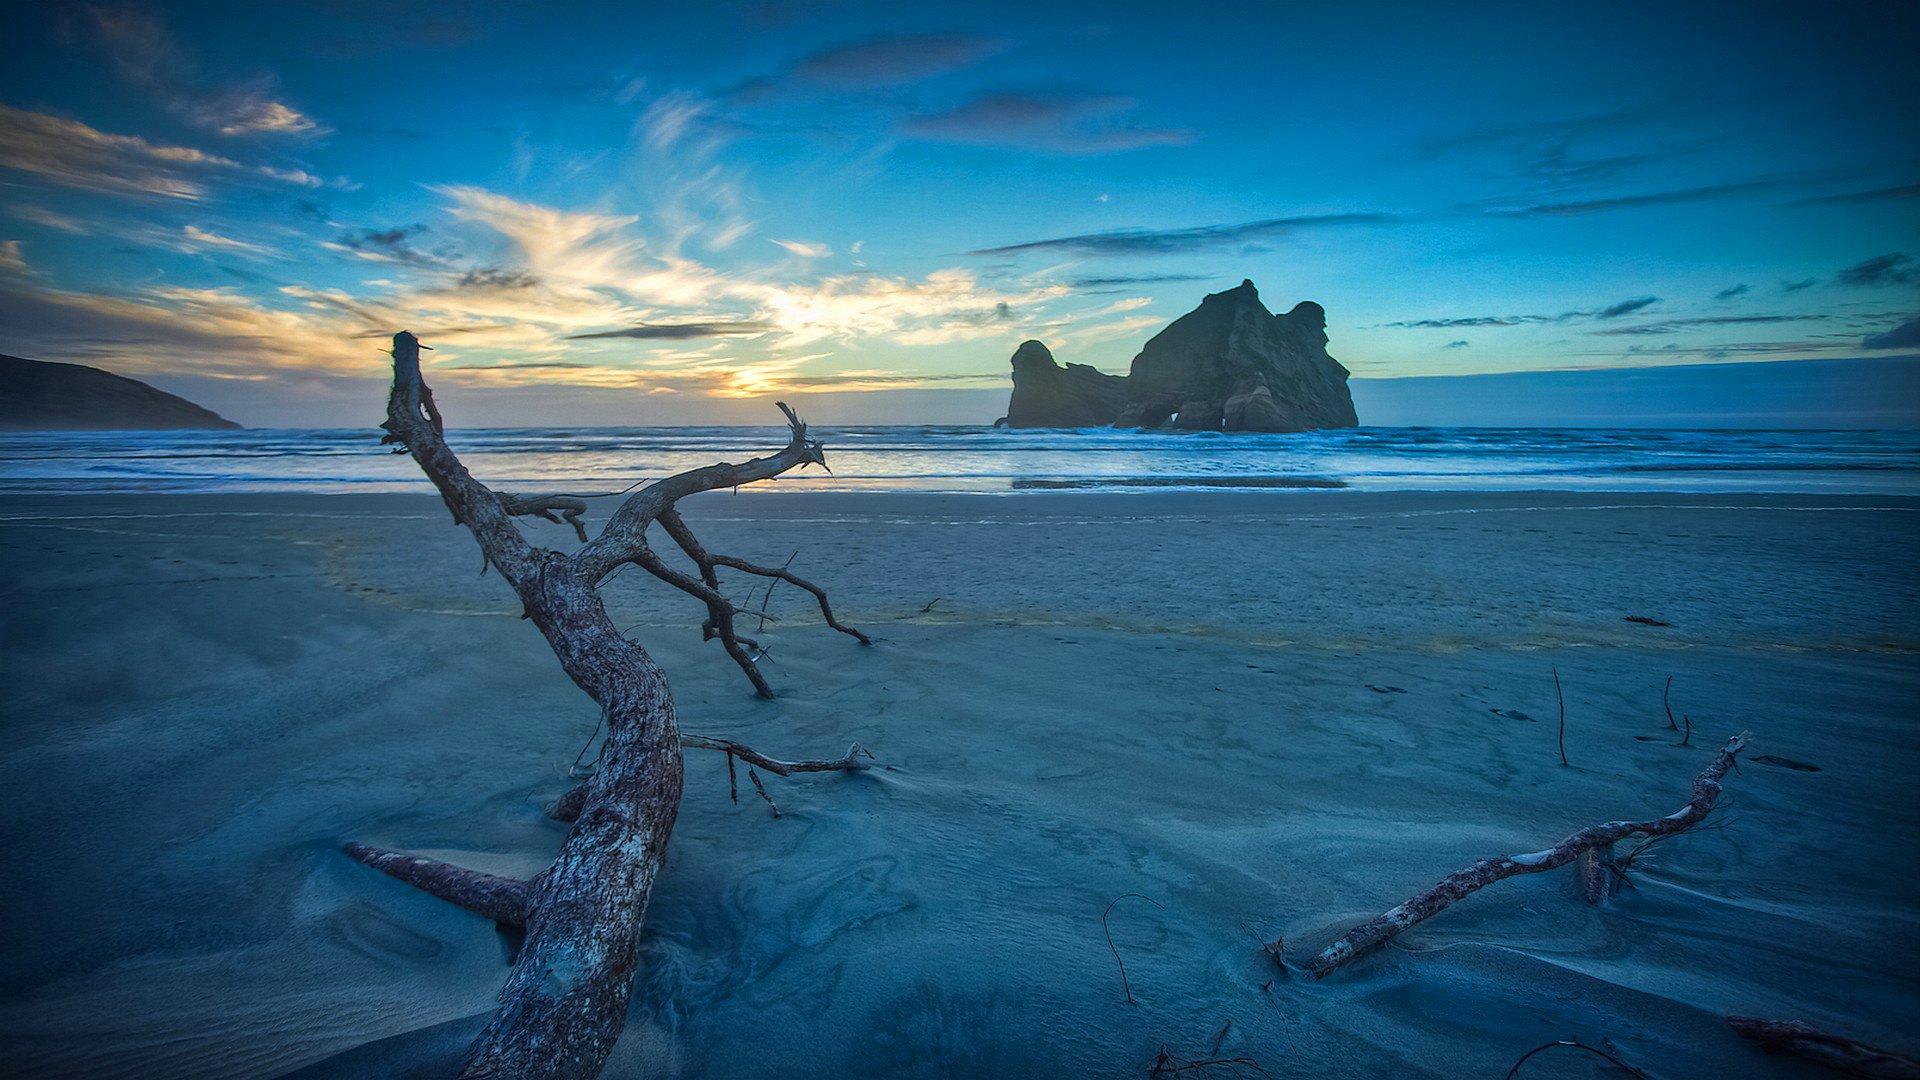 Скалы закат небо облака море скачать